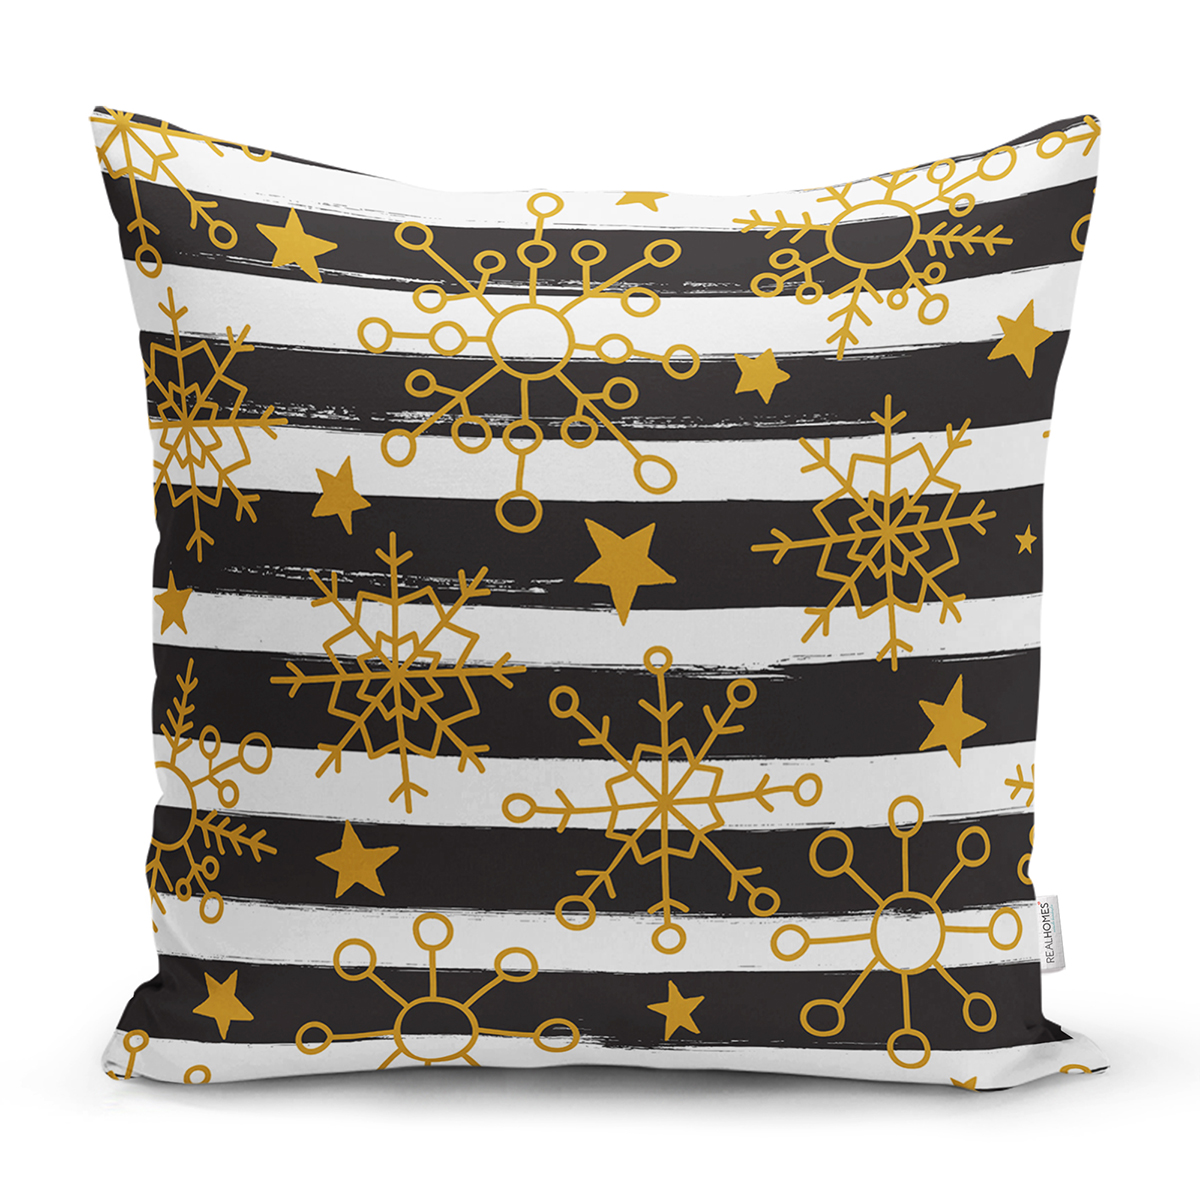 Beyaz Zemin Üzerinde Siyah Dekoratif Çizgili Gold Desenli Kartanesi Kırlent Kılıfı Realhomes